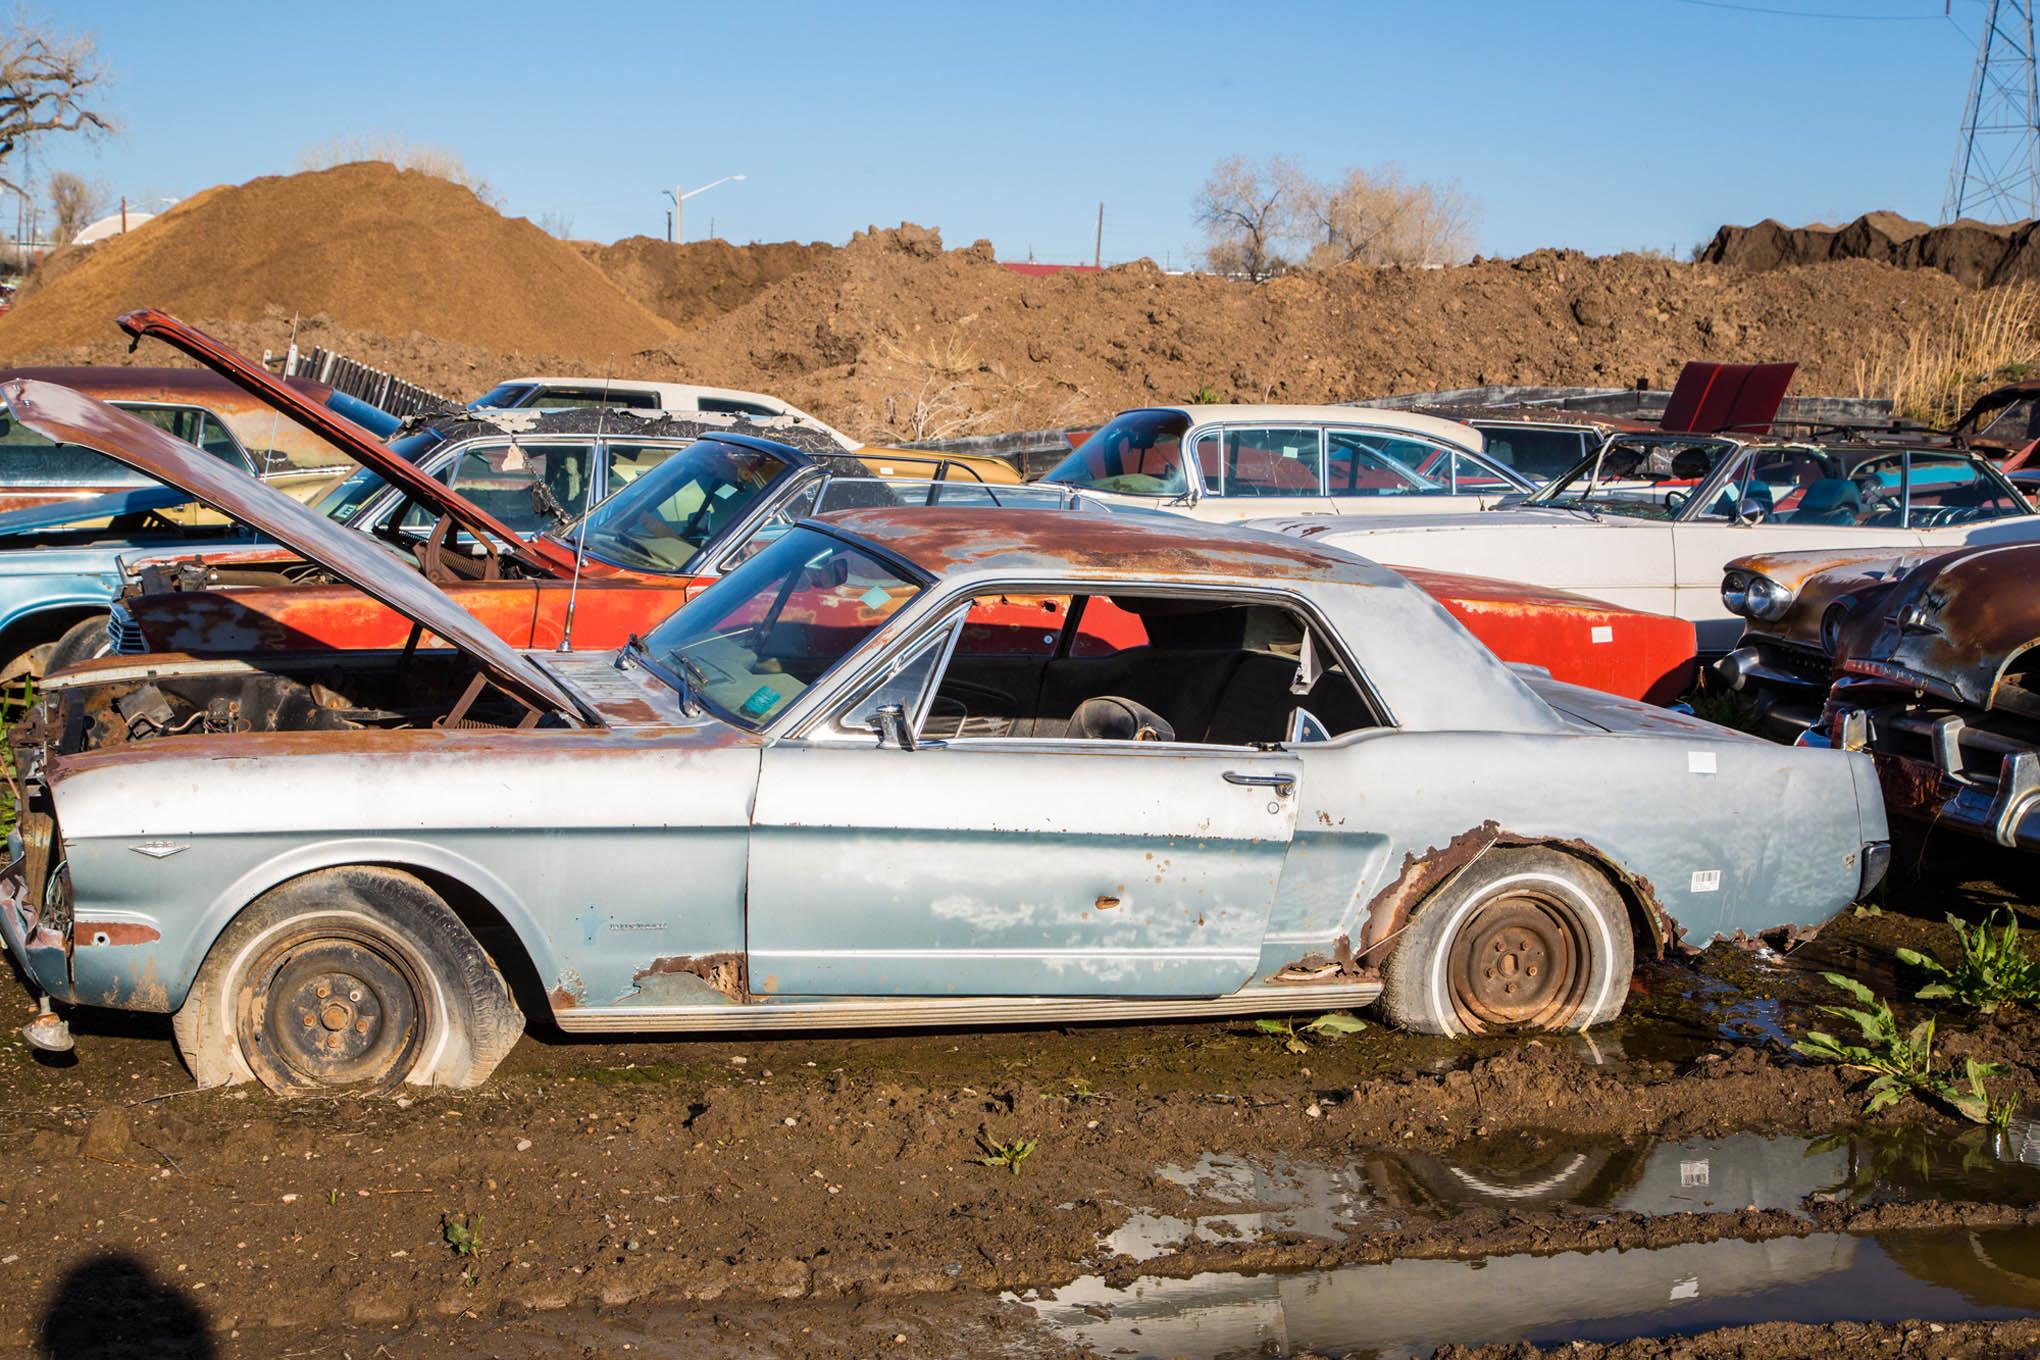 El dep sito ha recolectado autos cl sicos durante d cadas for Motor city muscle car parts